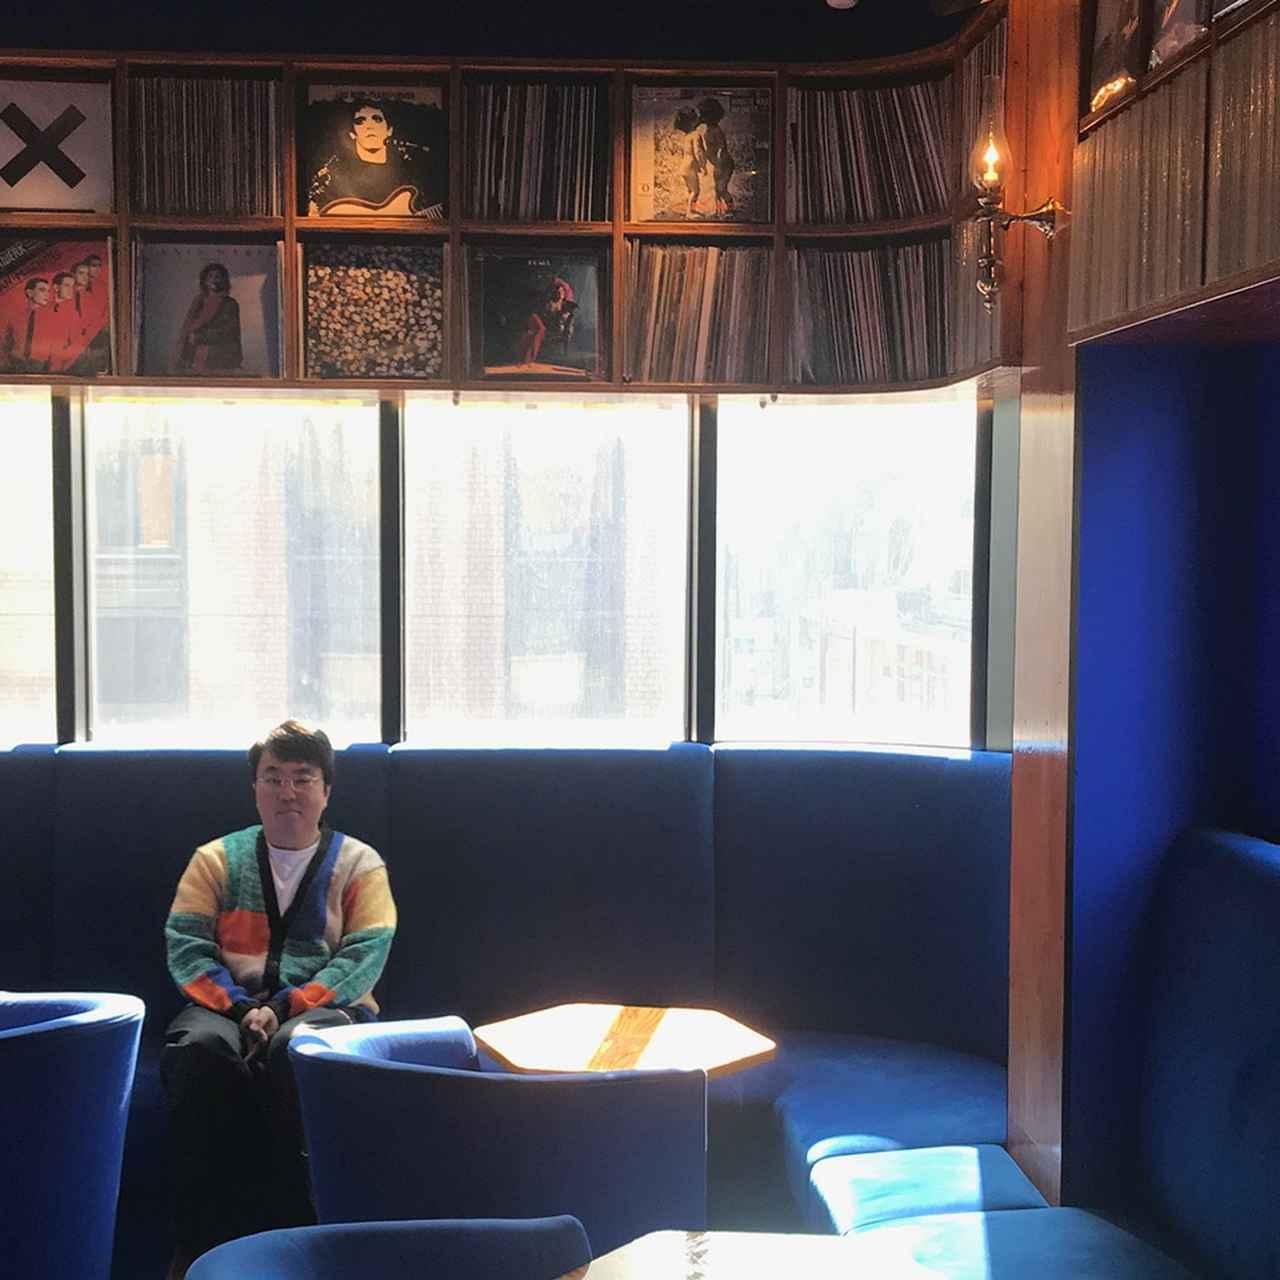 Images : 鳥羽伸博(NOBUHIRO TORIBA)さん